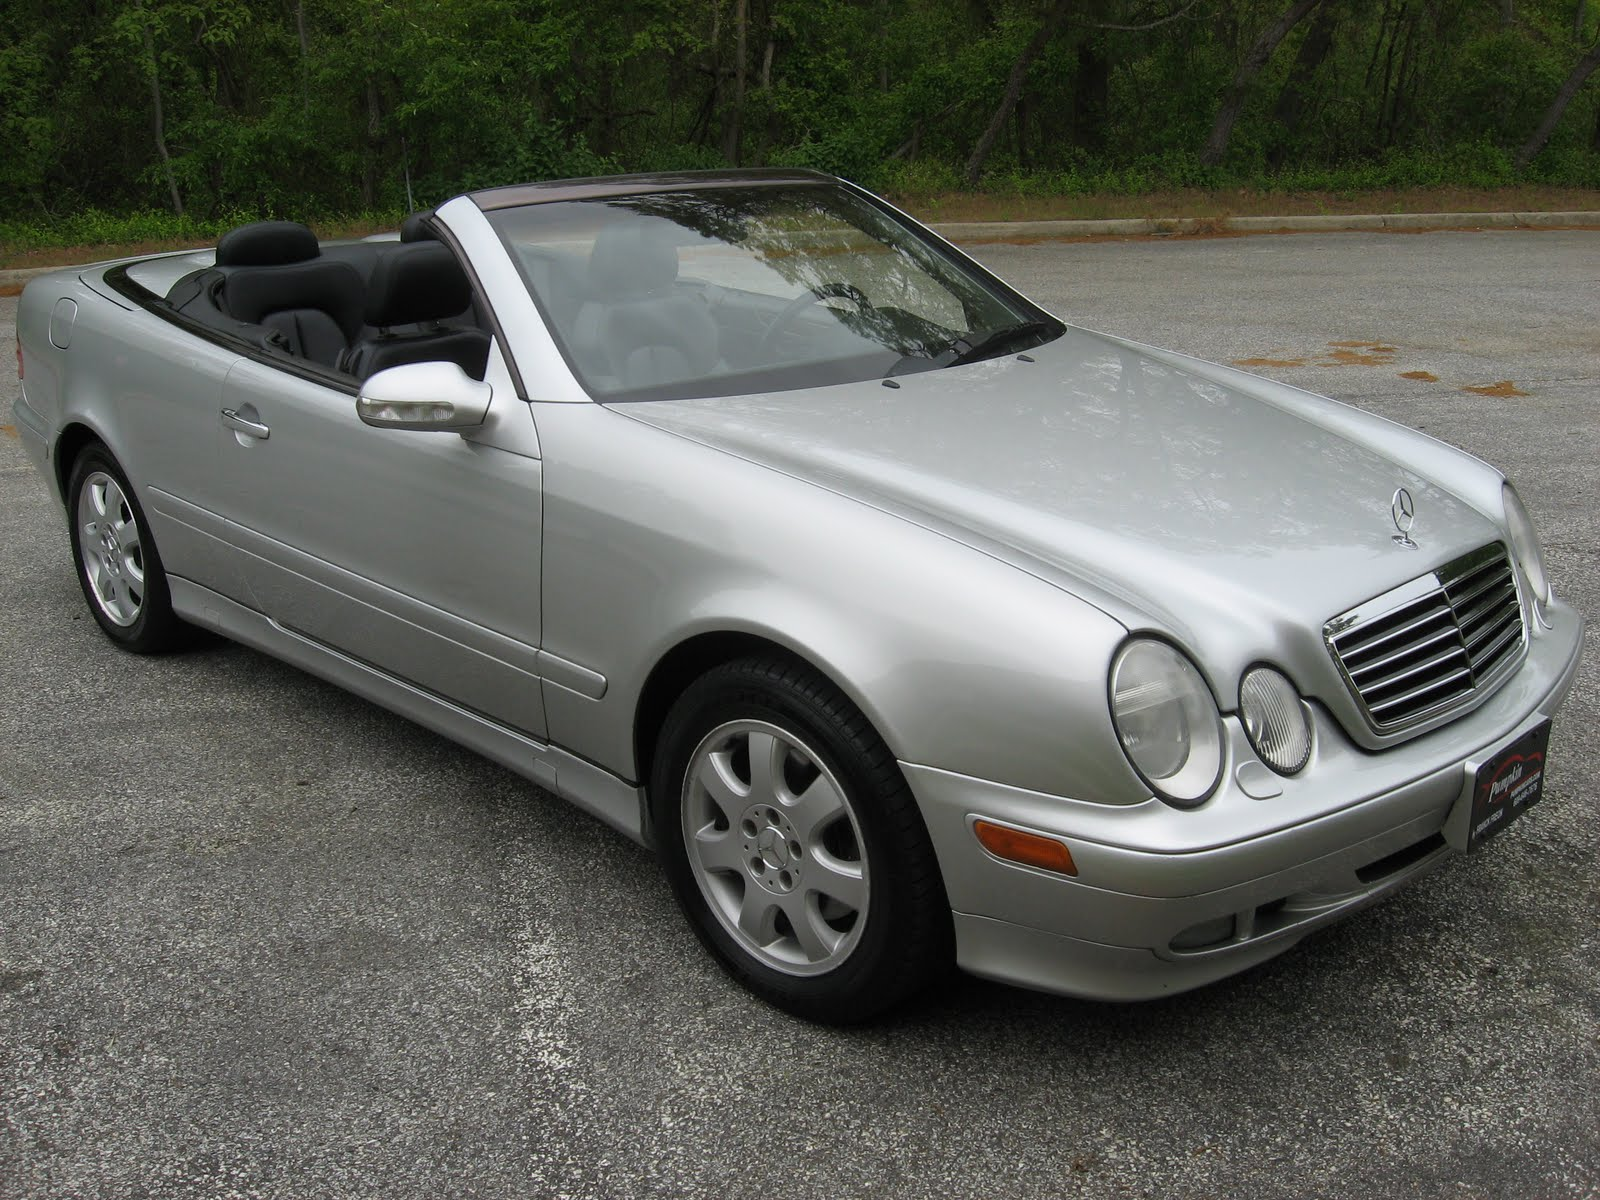 pumpkin fine cars and exotics 2003 mercedes benz clk320 cabriolet. Black Bedroom Furniture Sets. Home Design Ideas